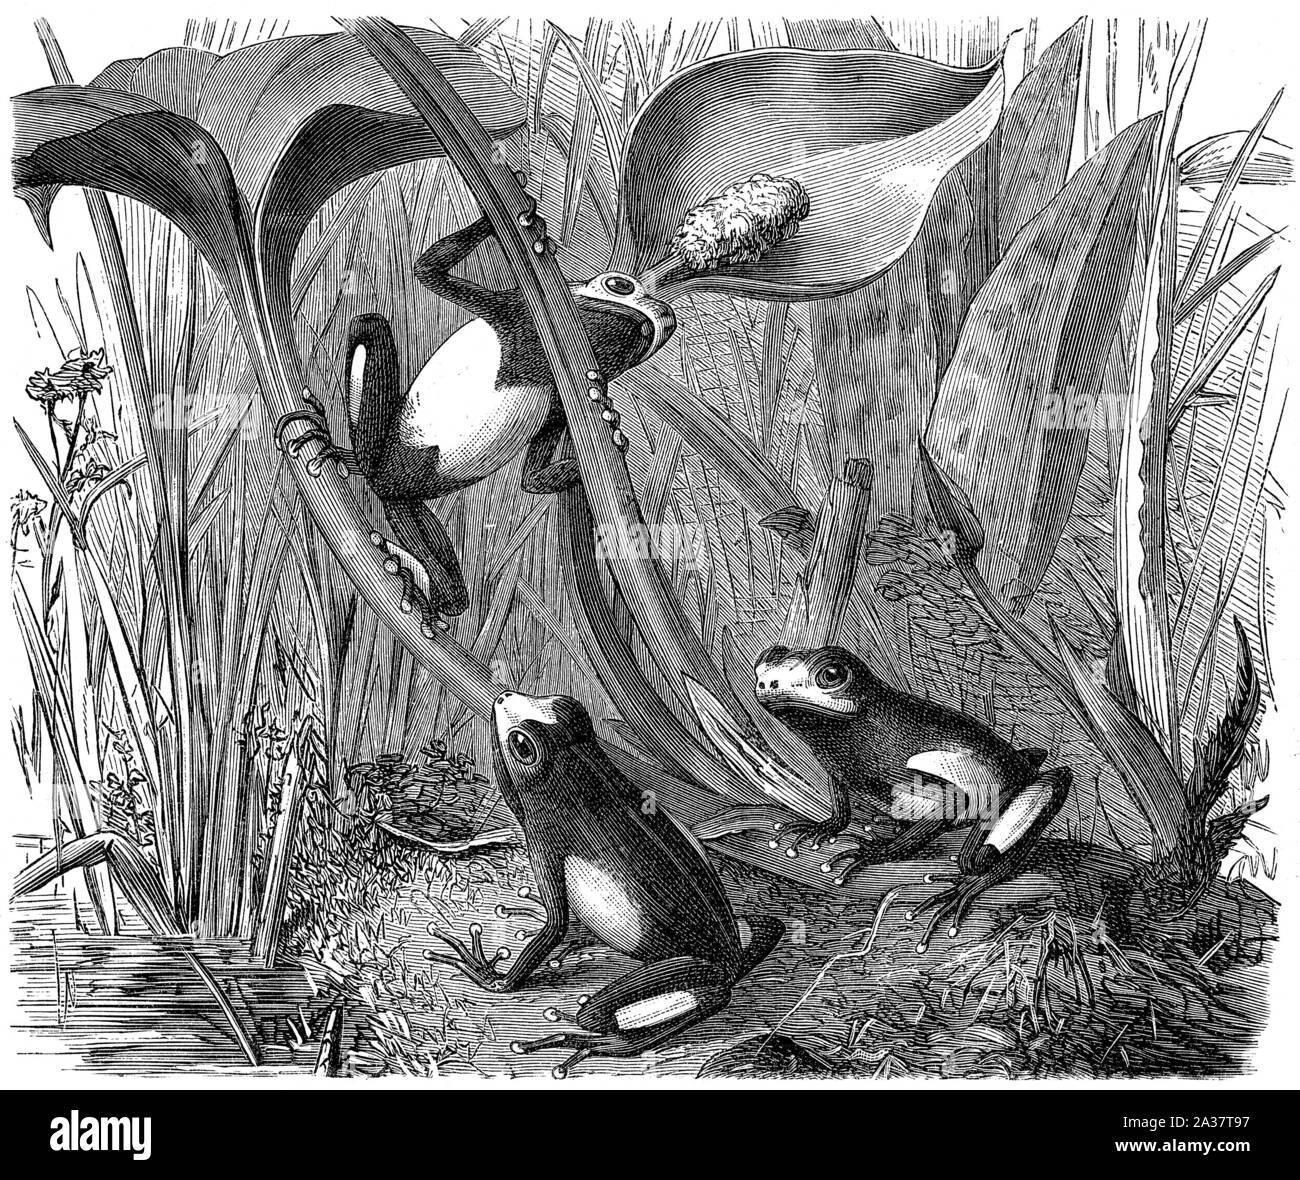 Frogs, tree climber, amphibian, tongue frogs - Frosch, Baumsteiger, Lurche, Zungenfrösche Stock Photo